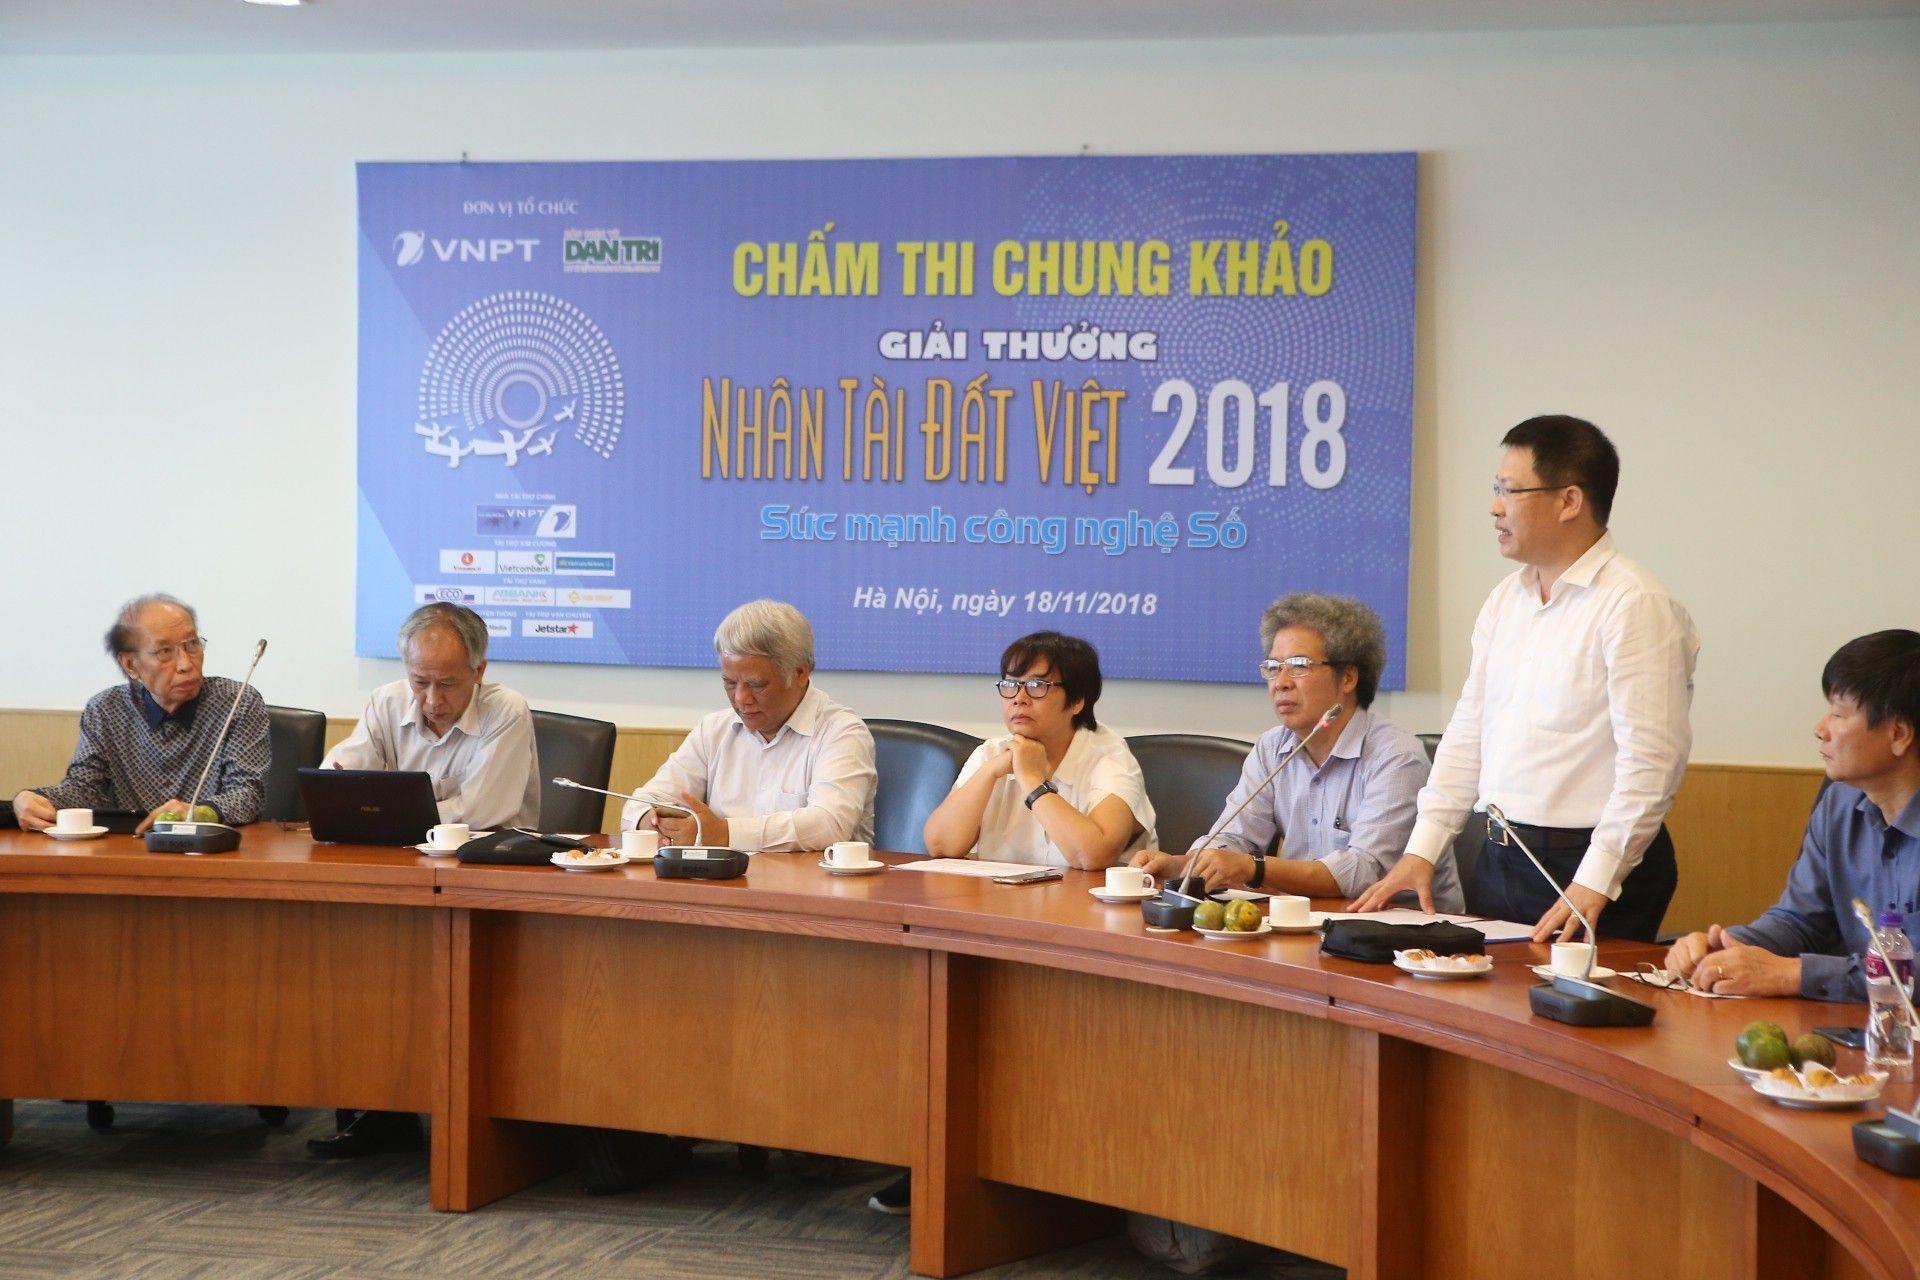 Ông Nguyễn Văn Tấn - Phó Tổng Giám đốc Tổng công ty Truyền thông VNPT-Media, Phó trưởng Ban Tổ chức.